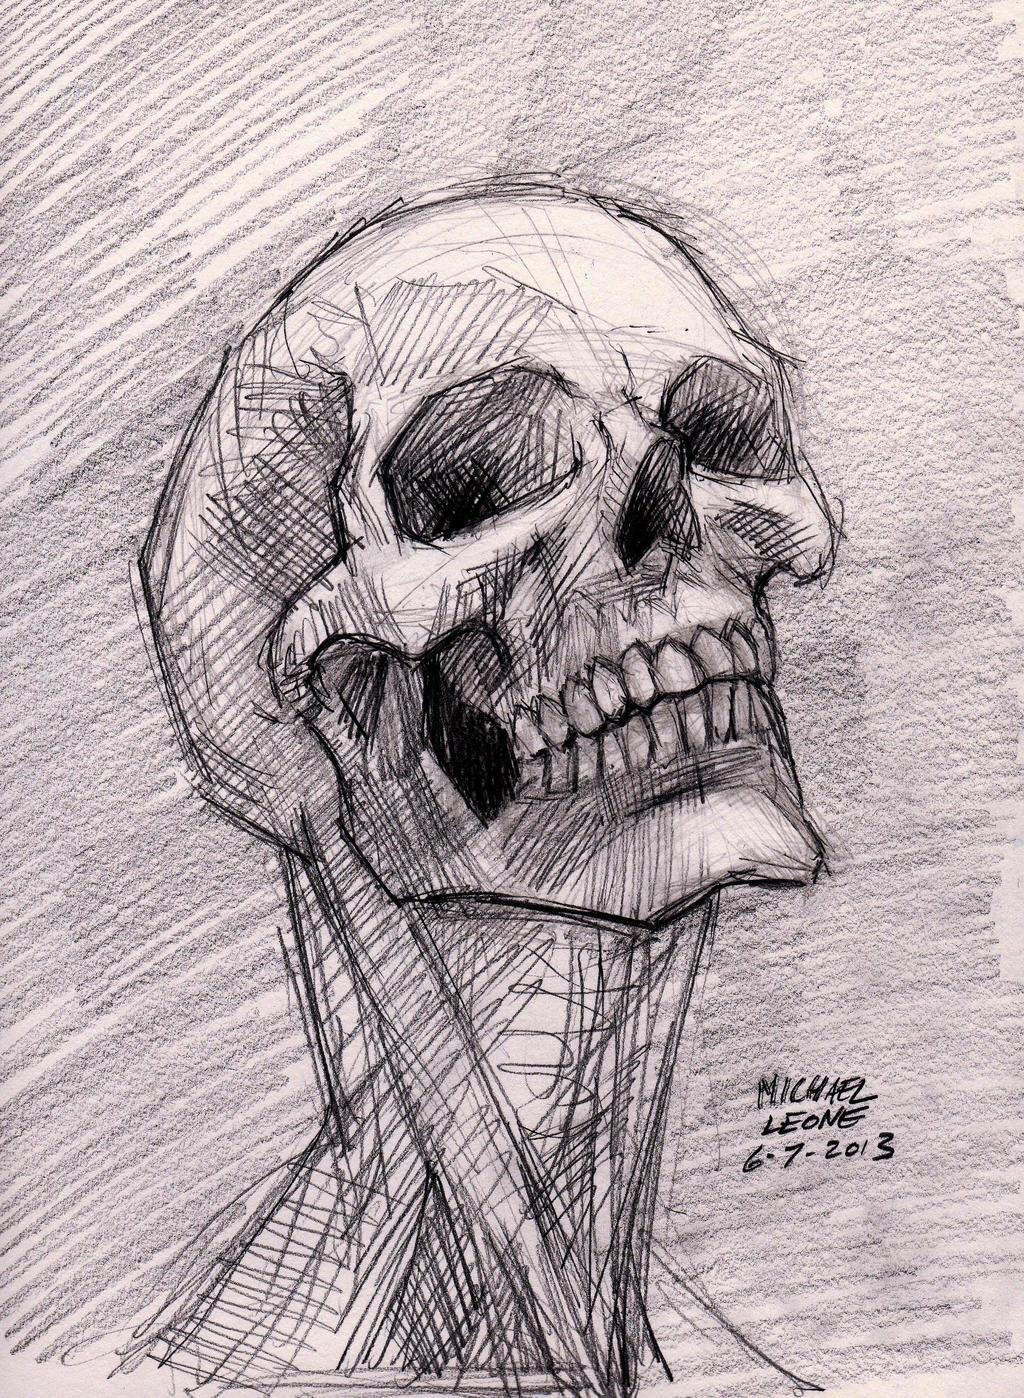 Skull sketch 6-7-2013